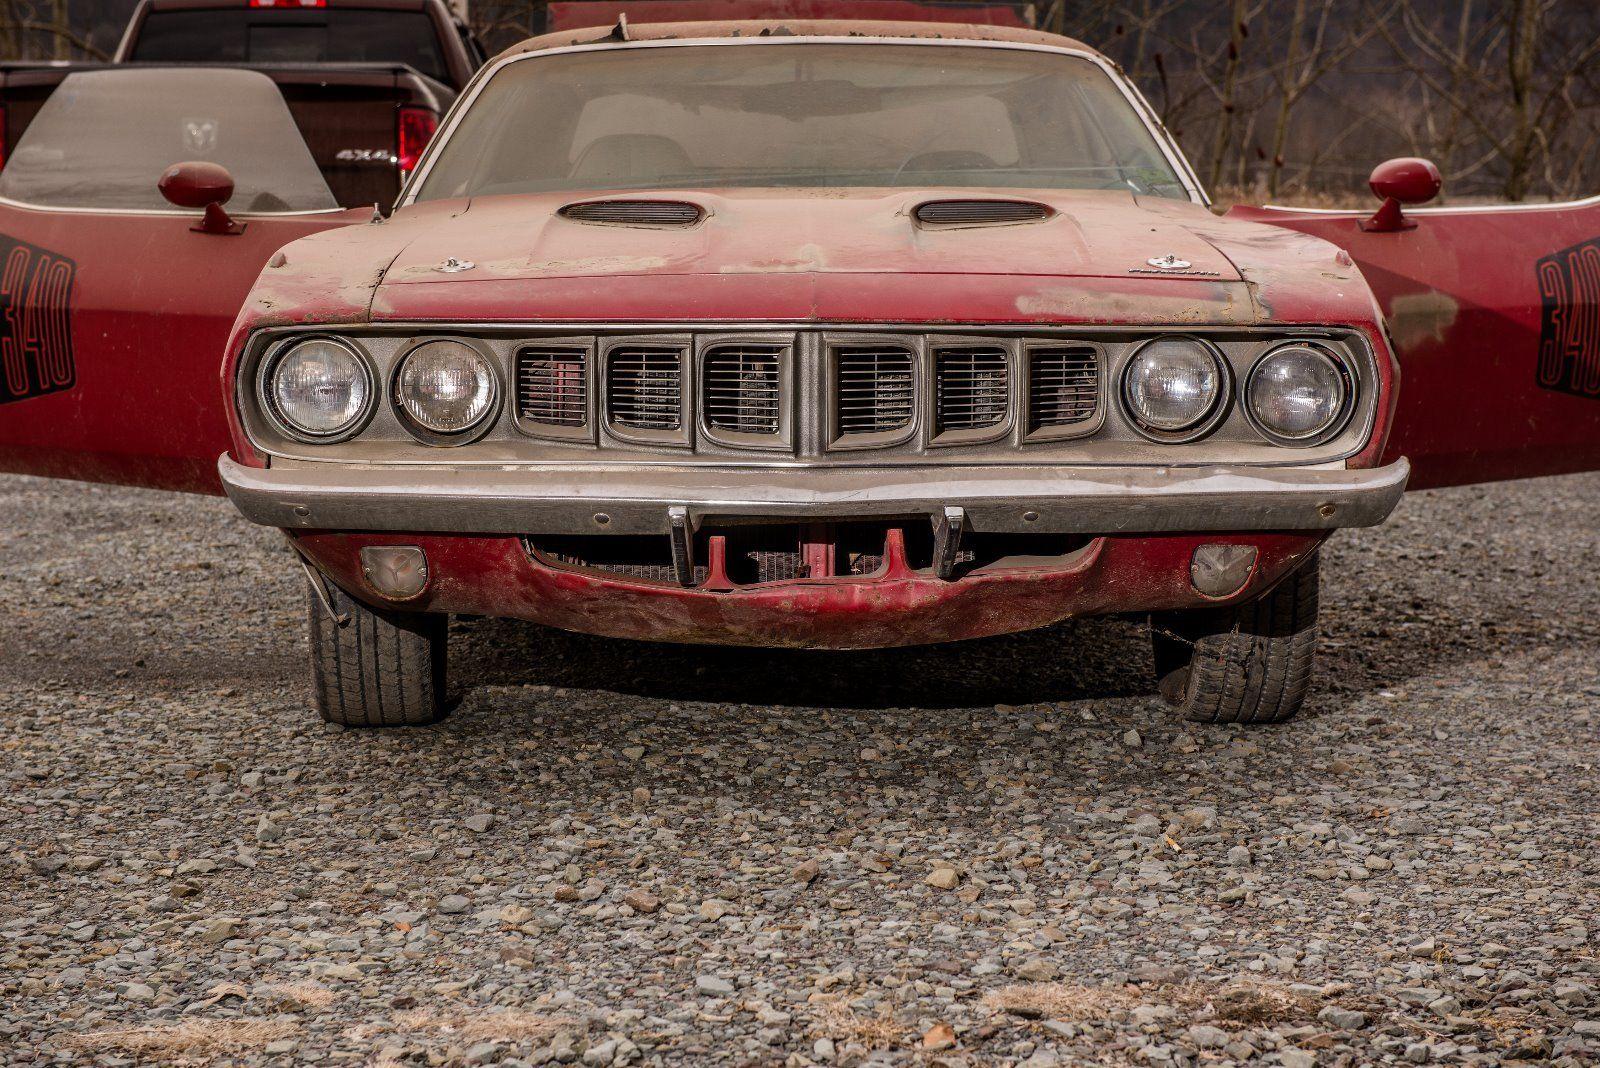 1971 Plymouth Barracuda on eBay | Mopar Blog